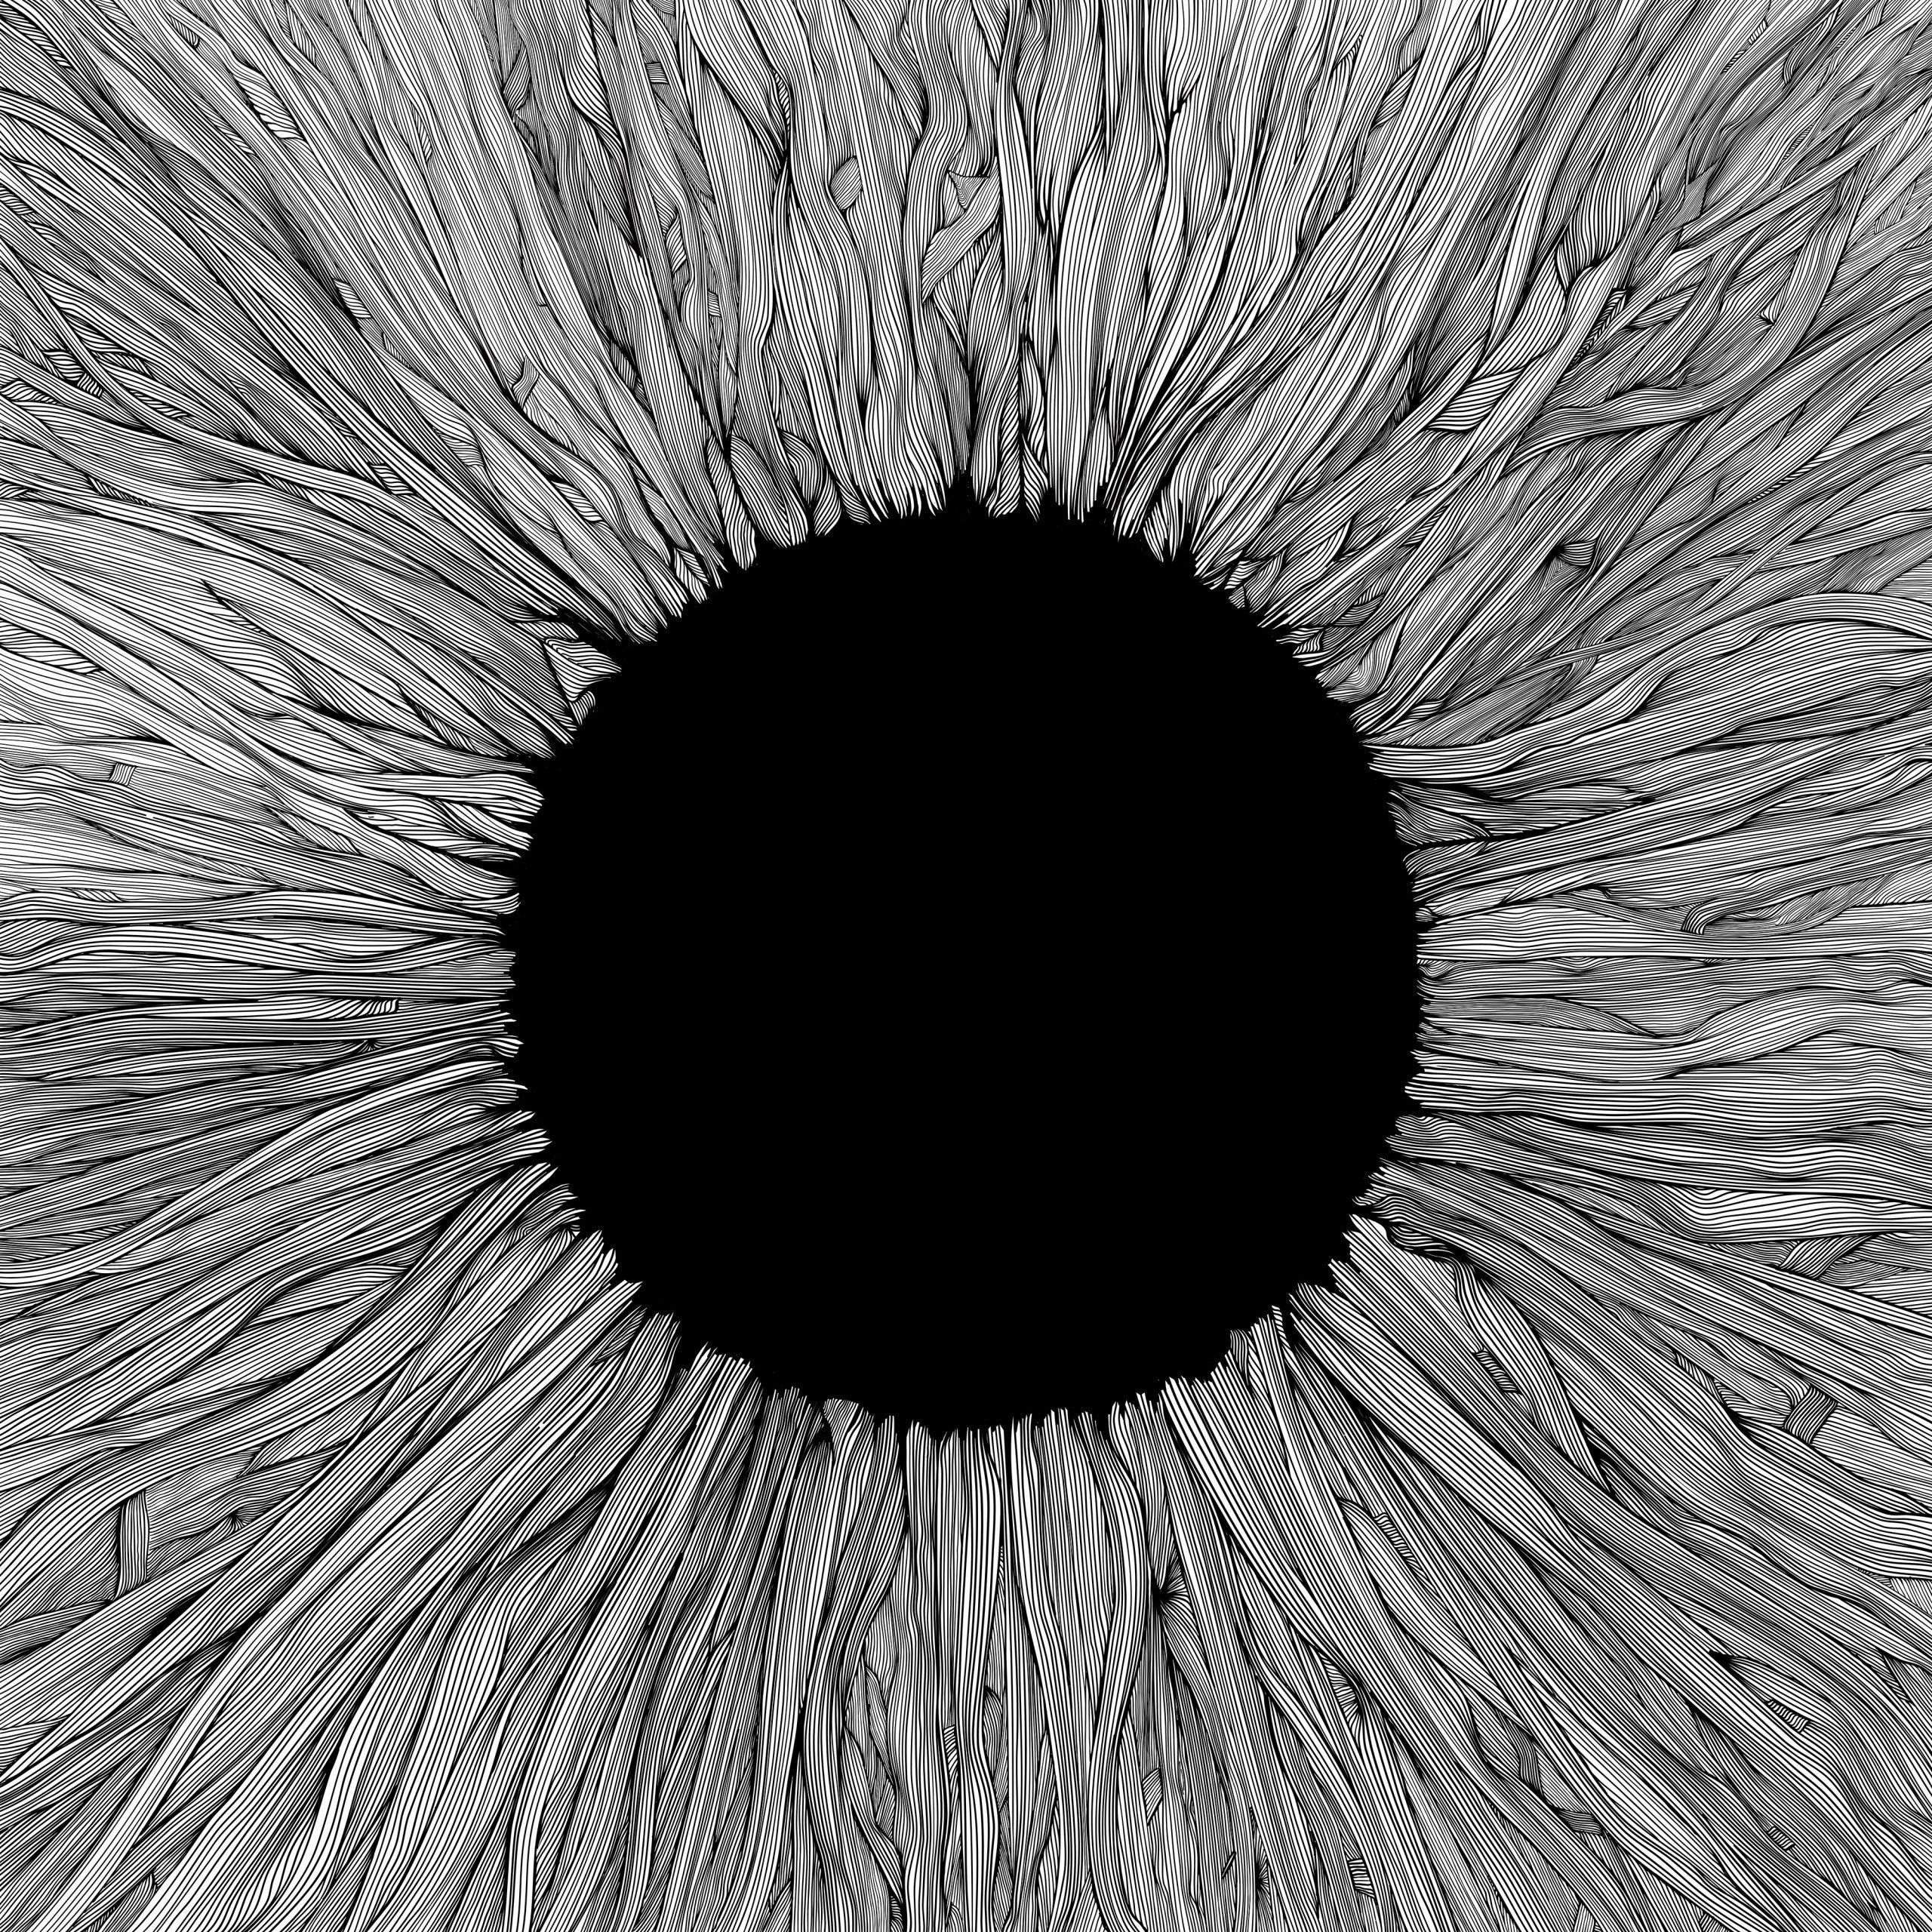 vola-witness-das-ganze-spektrum-album-review